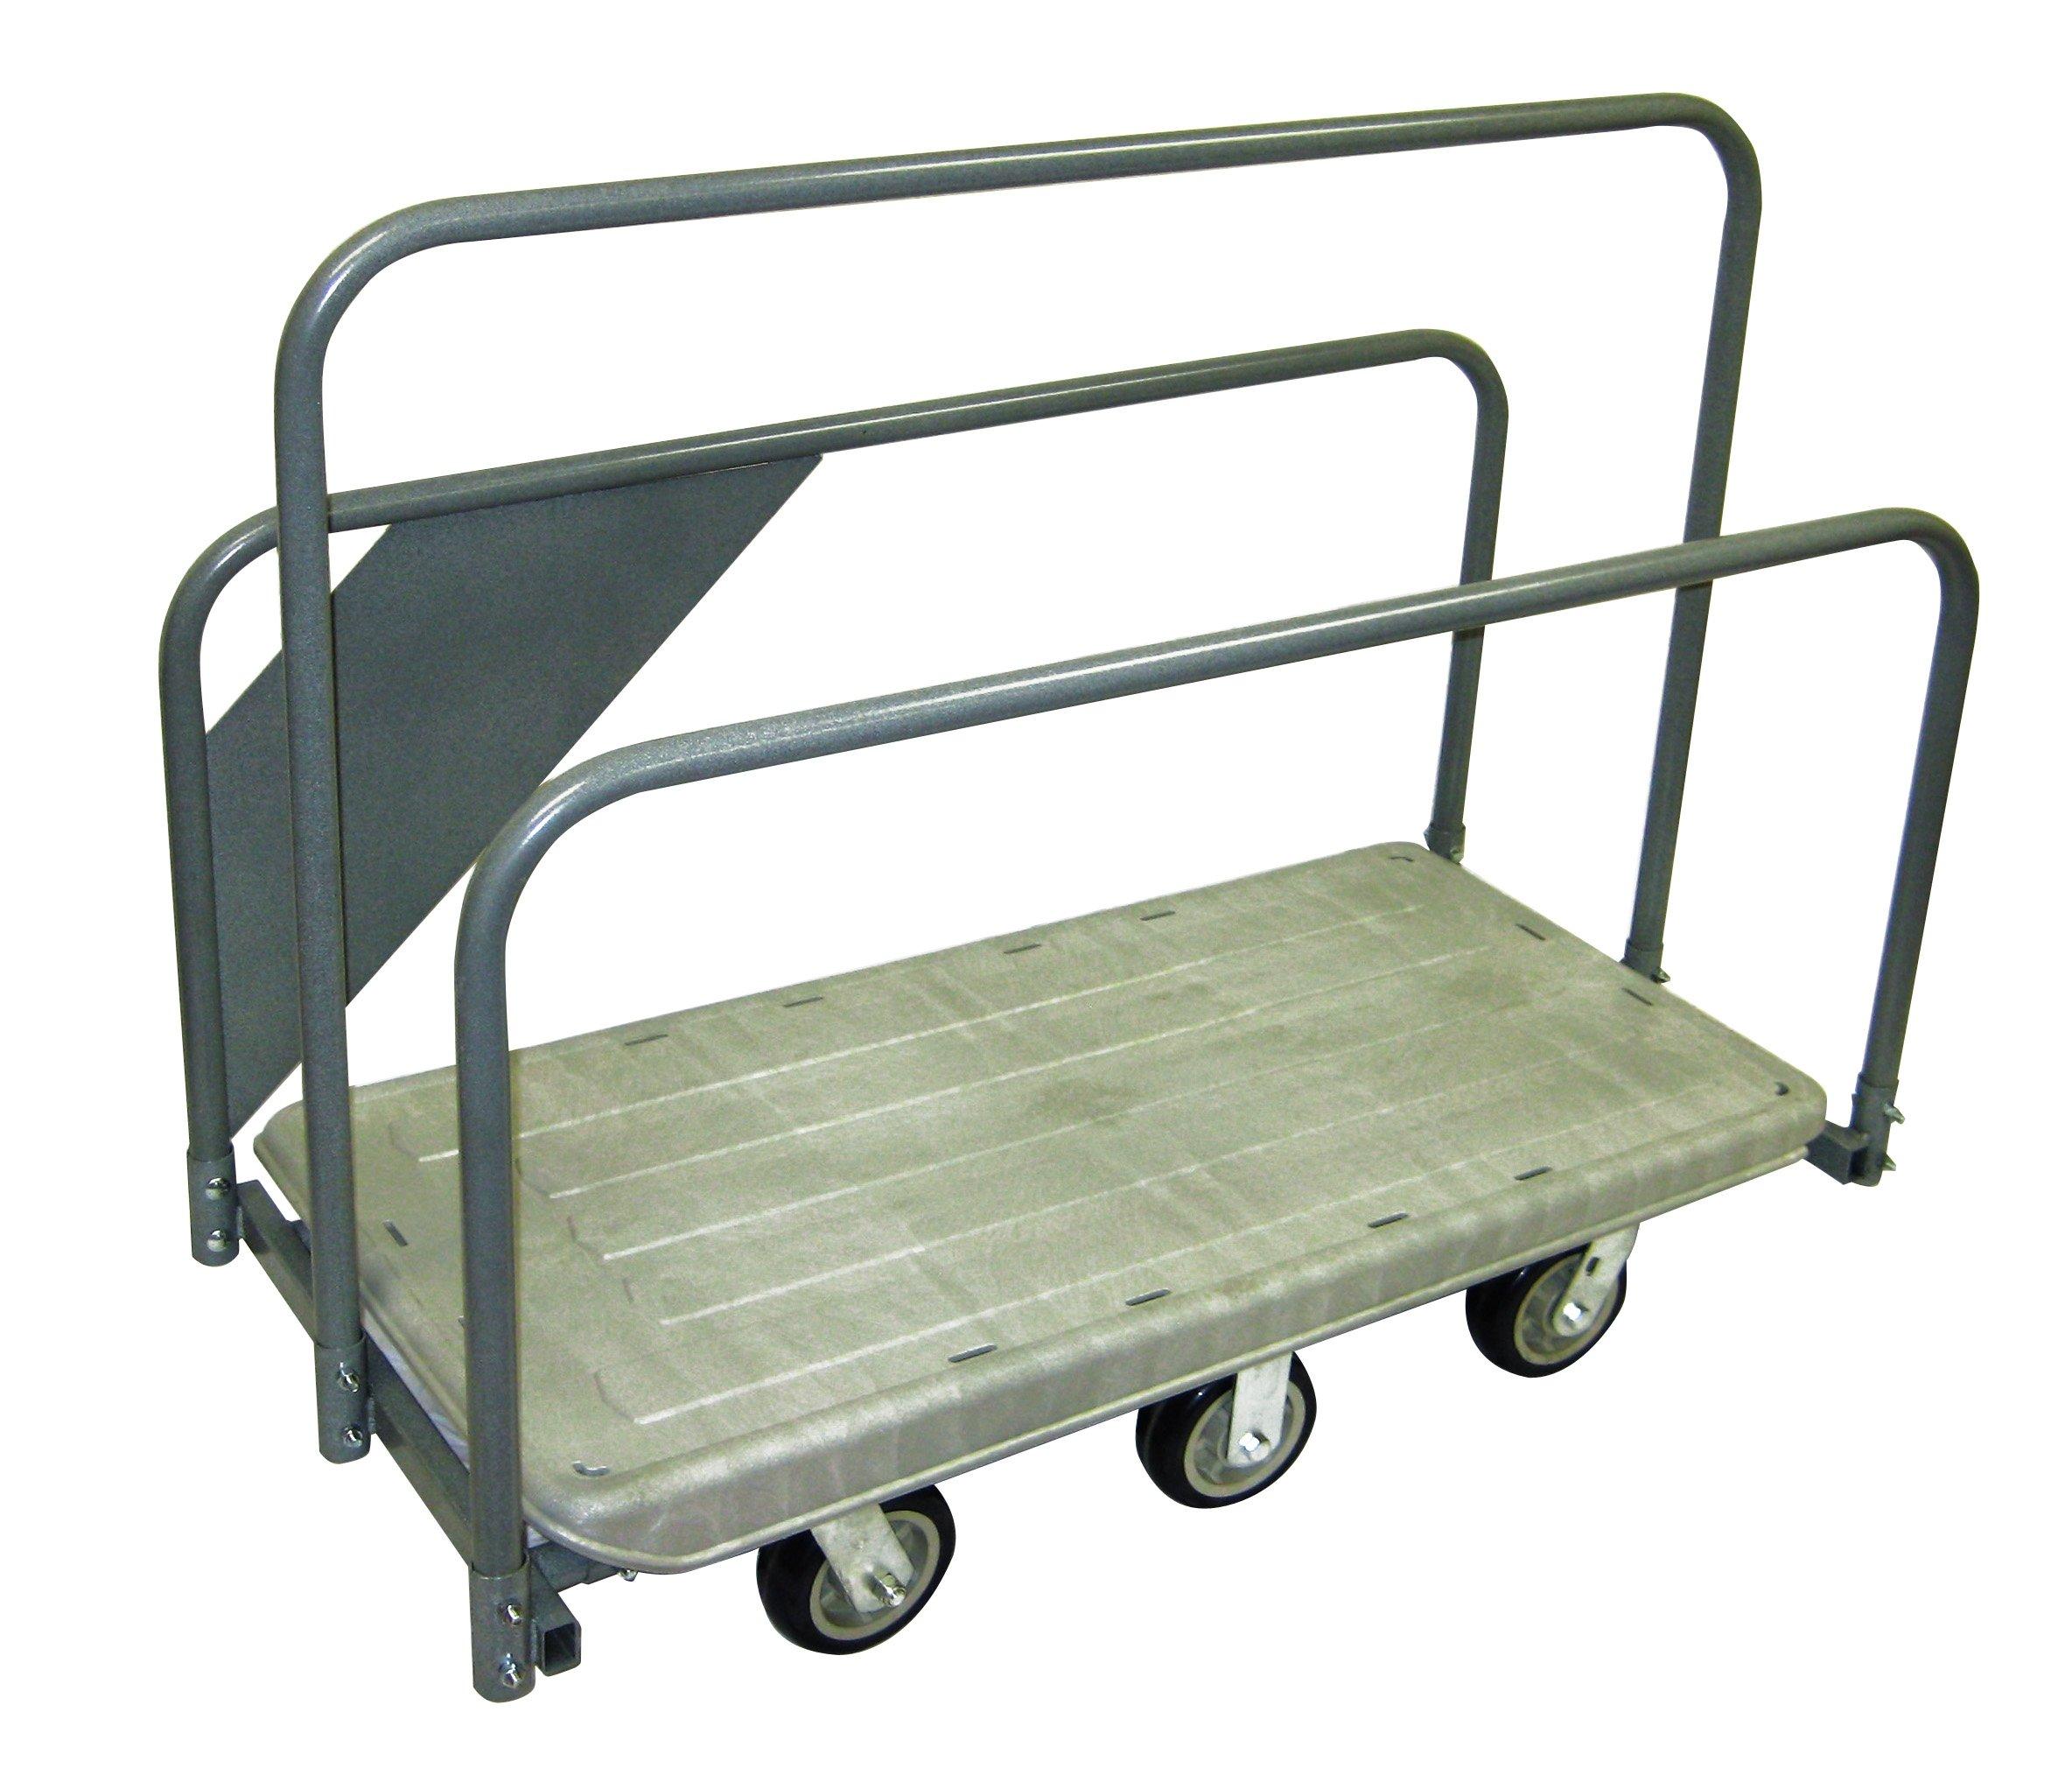 R. W. ROGERS RWR-CRT-MATTCRT 24'' x 48'' Plastic Deck Rail Cart, Grey